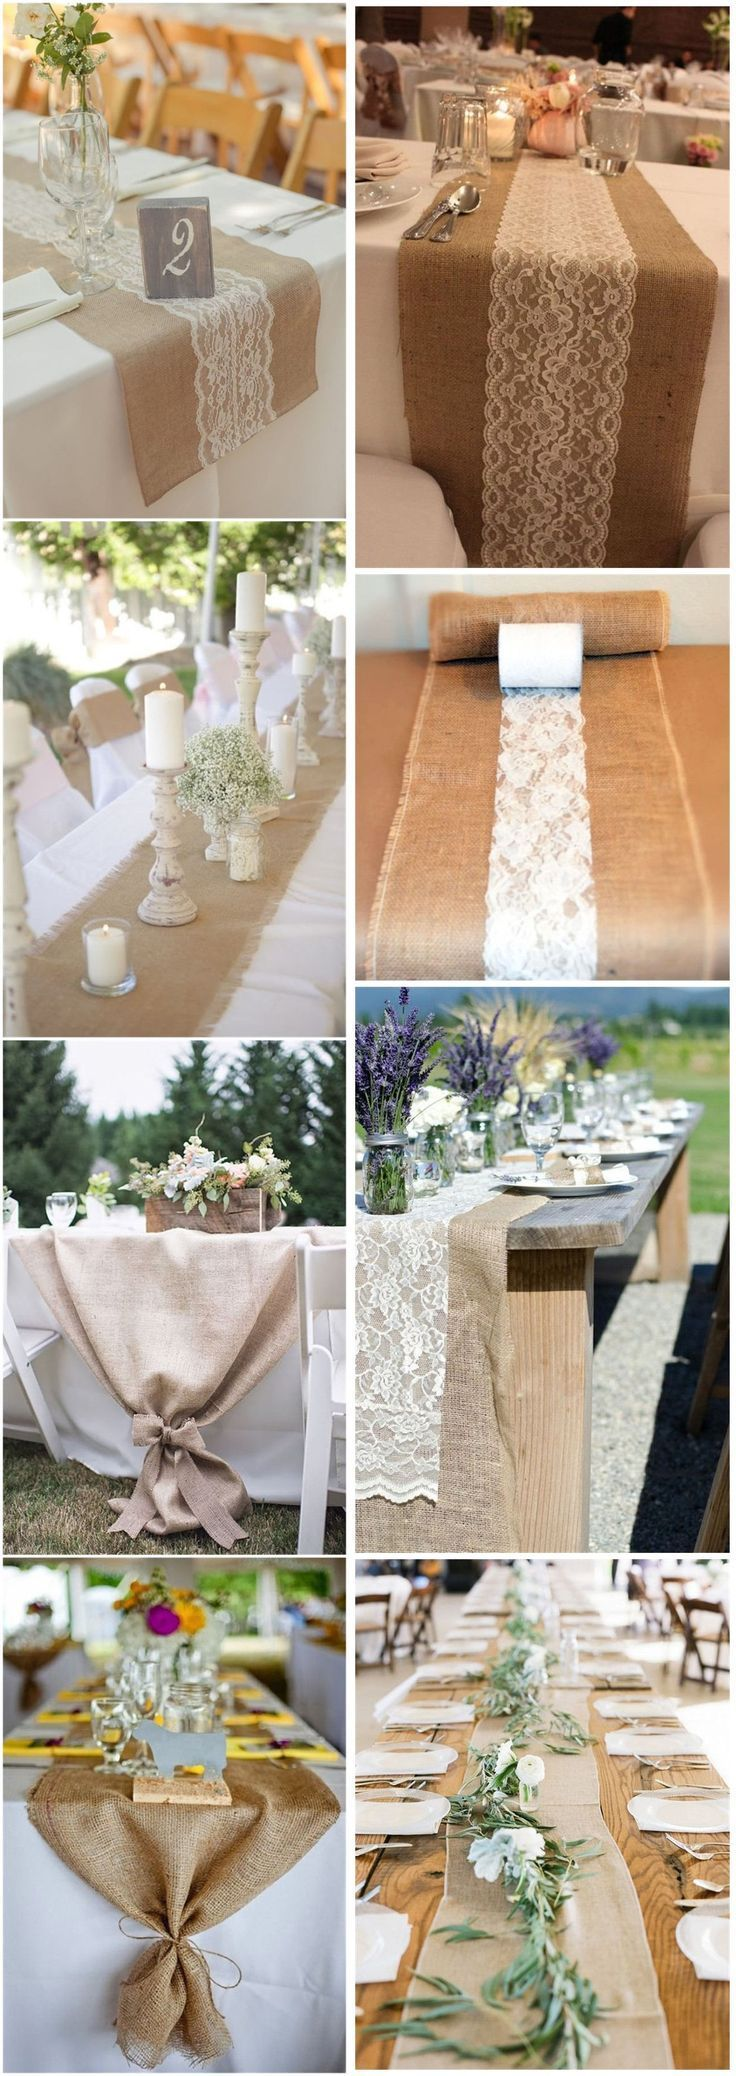 Diy Hochzeitsideen »22 rustikale Sackleinen Hochzeit Tischläufer Ideen, die Sie lieben ...  #hochzeit #hochzeitsideen #ideen #lieben #rustikale #sackleinen #tischlaufer